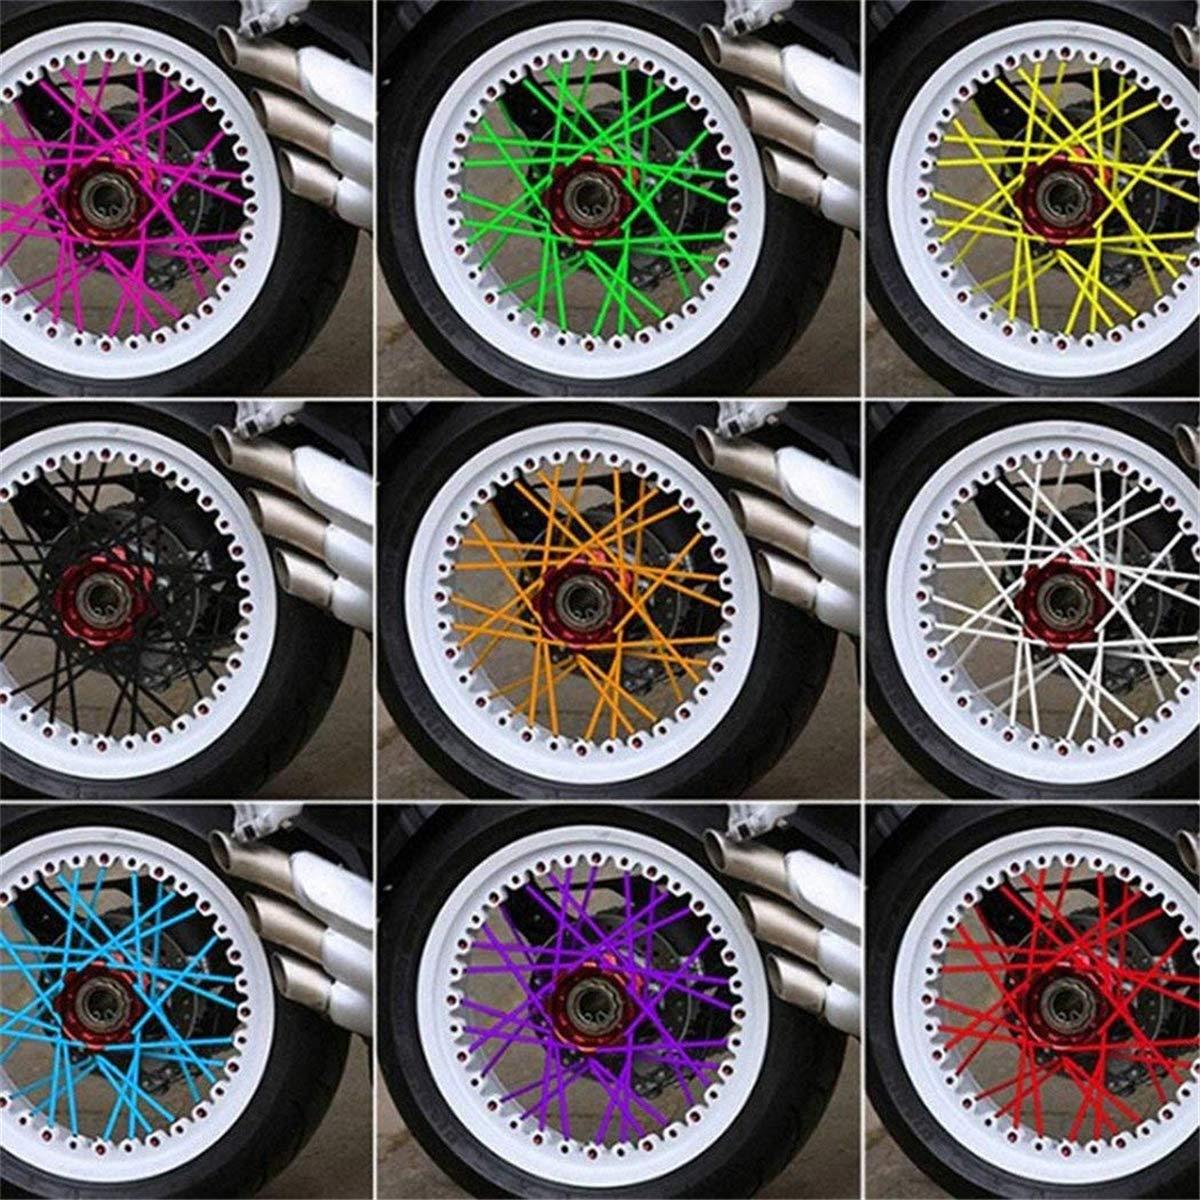 Blue Shangwelluk 36Pcs//Pack Bike Wheel Motocross Spoke Skins Rims Covers